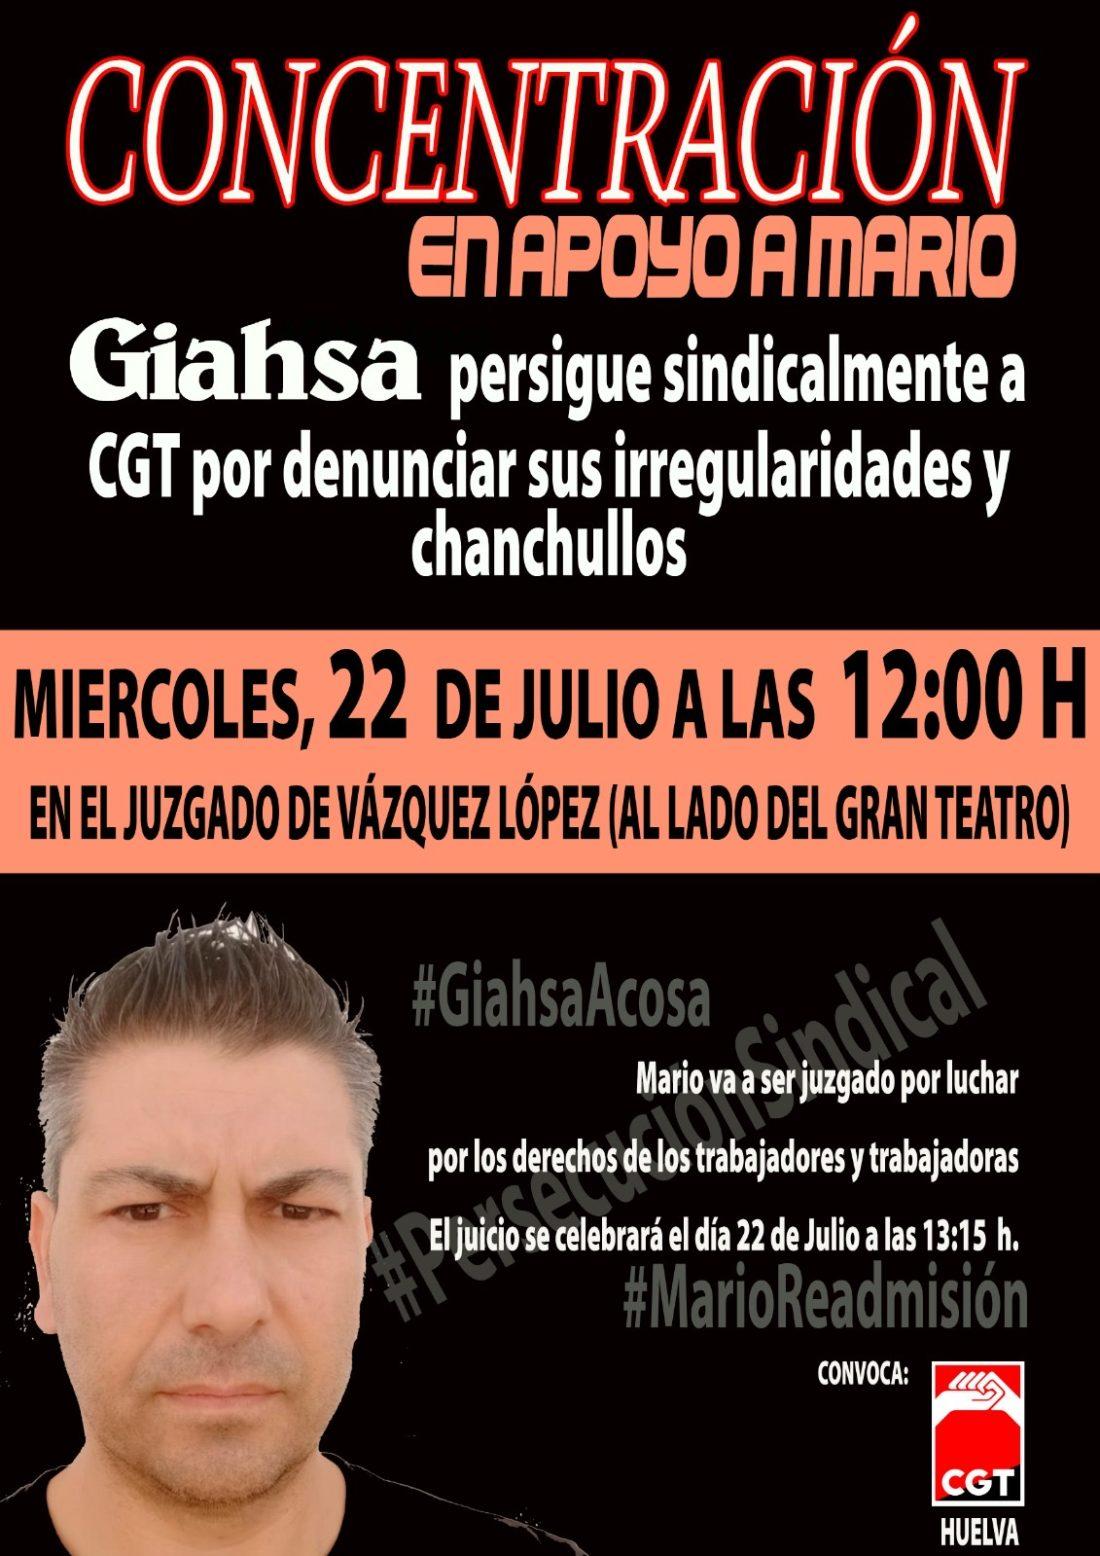 CGT Huelva denuncia la desmedida subida de salarios de los altos cargos de GIAHSA